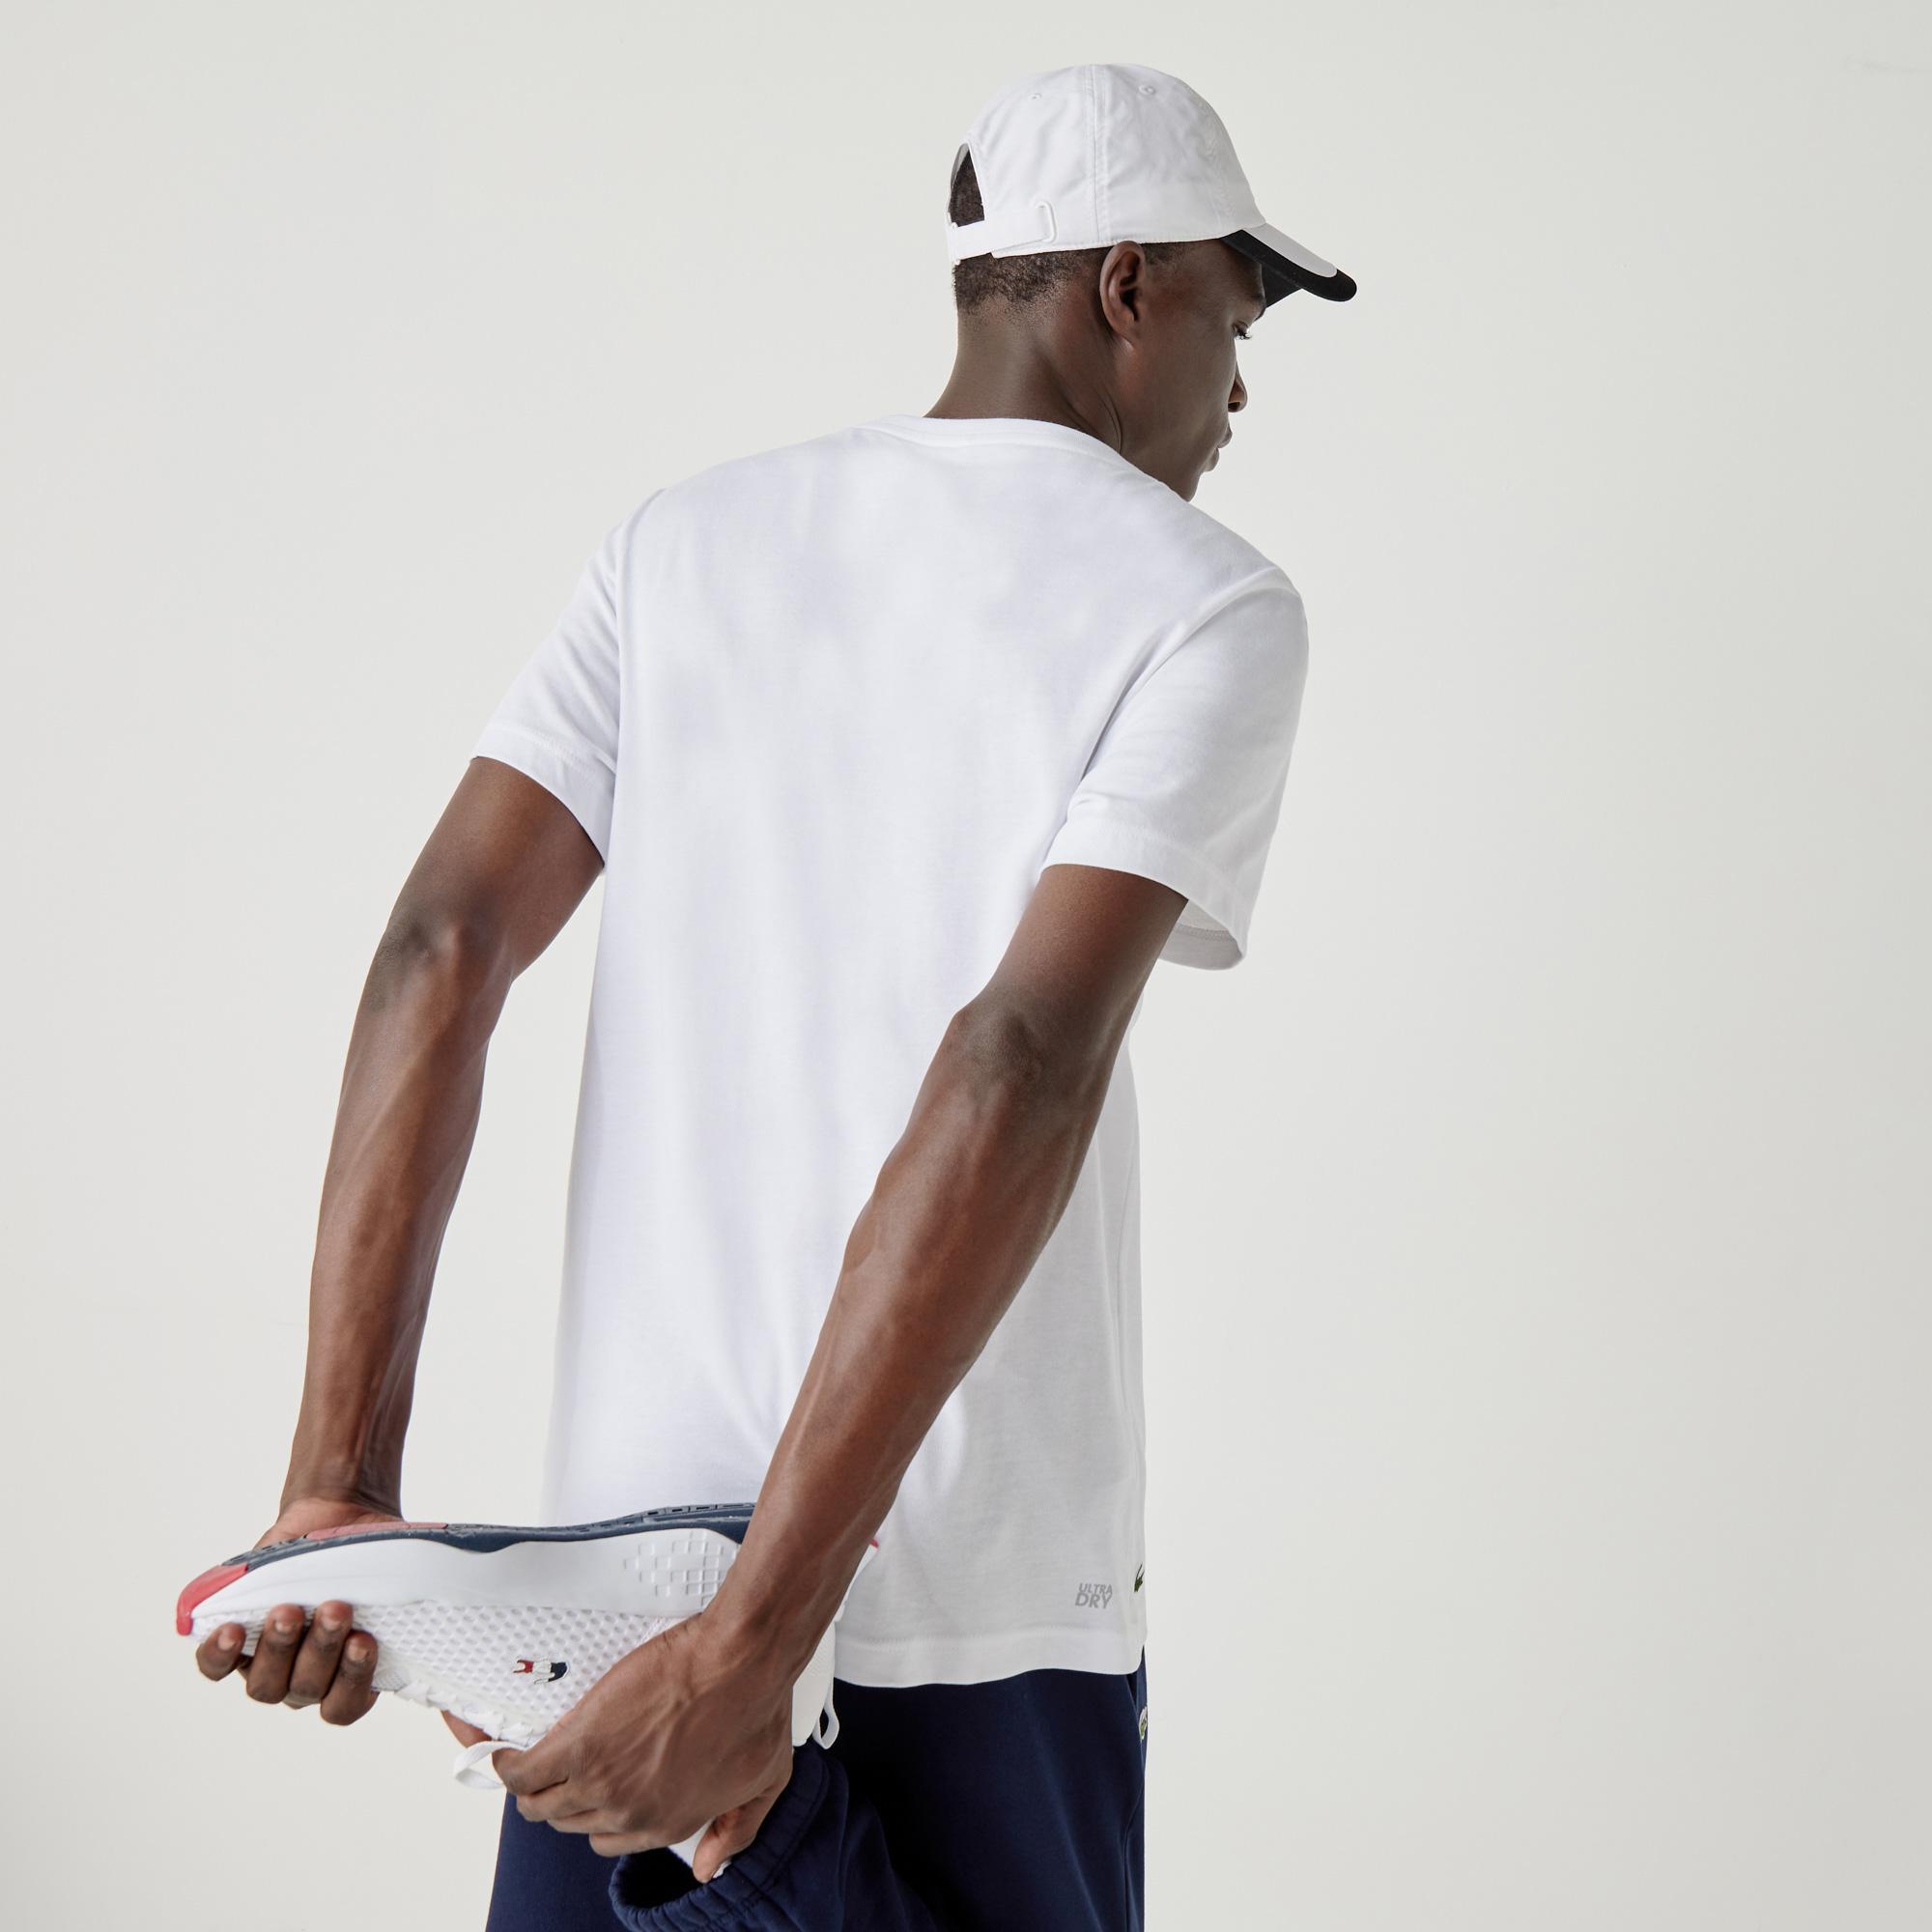 Lacoste Sport Erkek Baskılı Bisiklet Yaka Kısa Kollu Beyaz T-Shirt